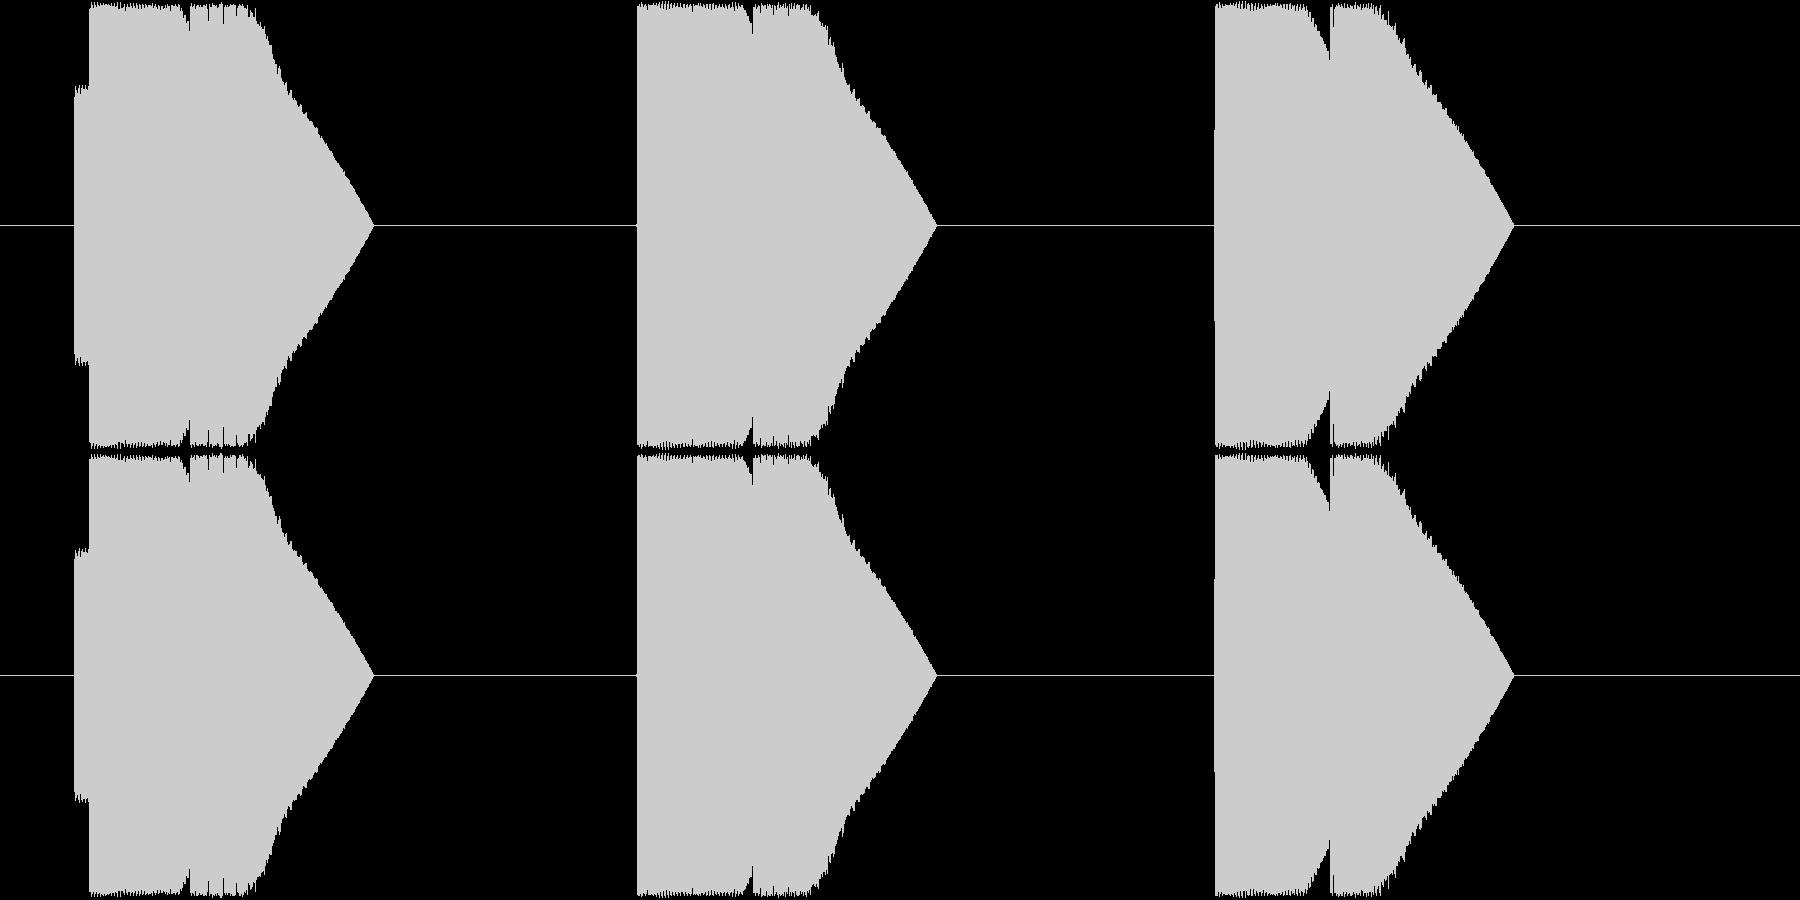 ピコン×3_上昇型_エネルギー十分_遭遇の未再生の波形